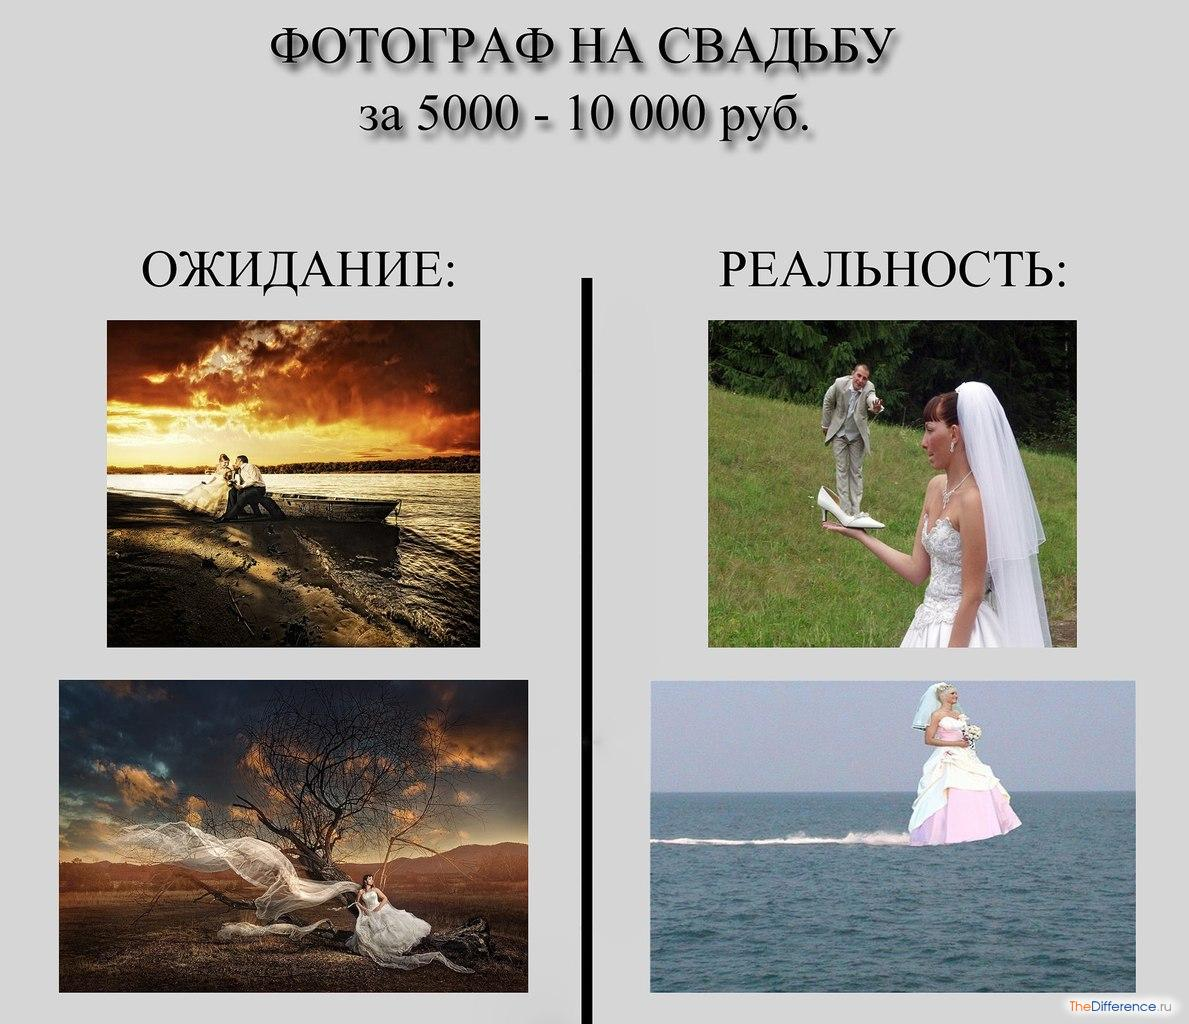 Секс за тысячу рублей 8 фотография